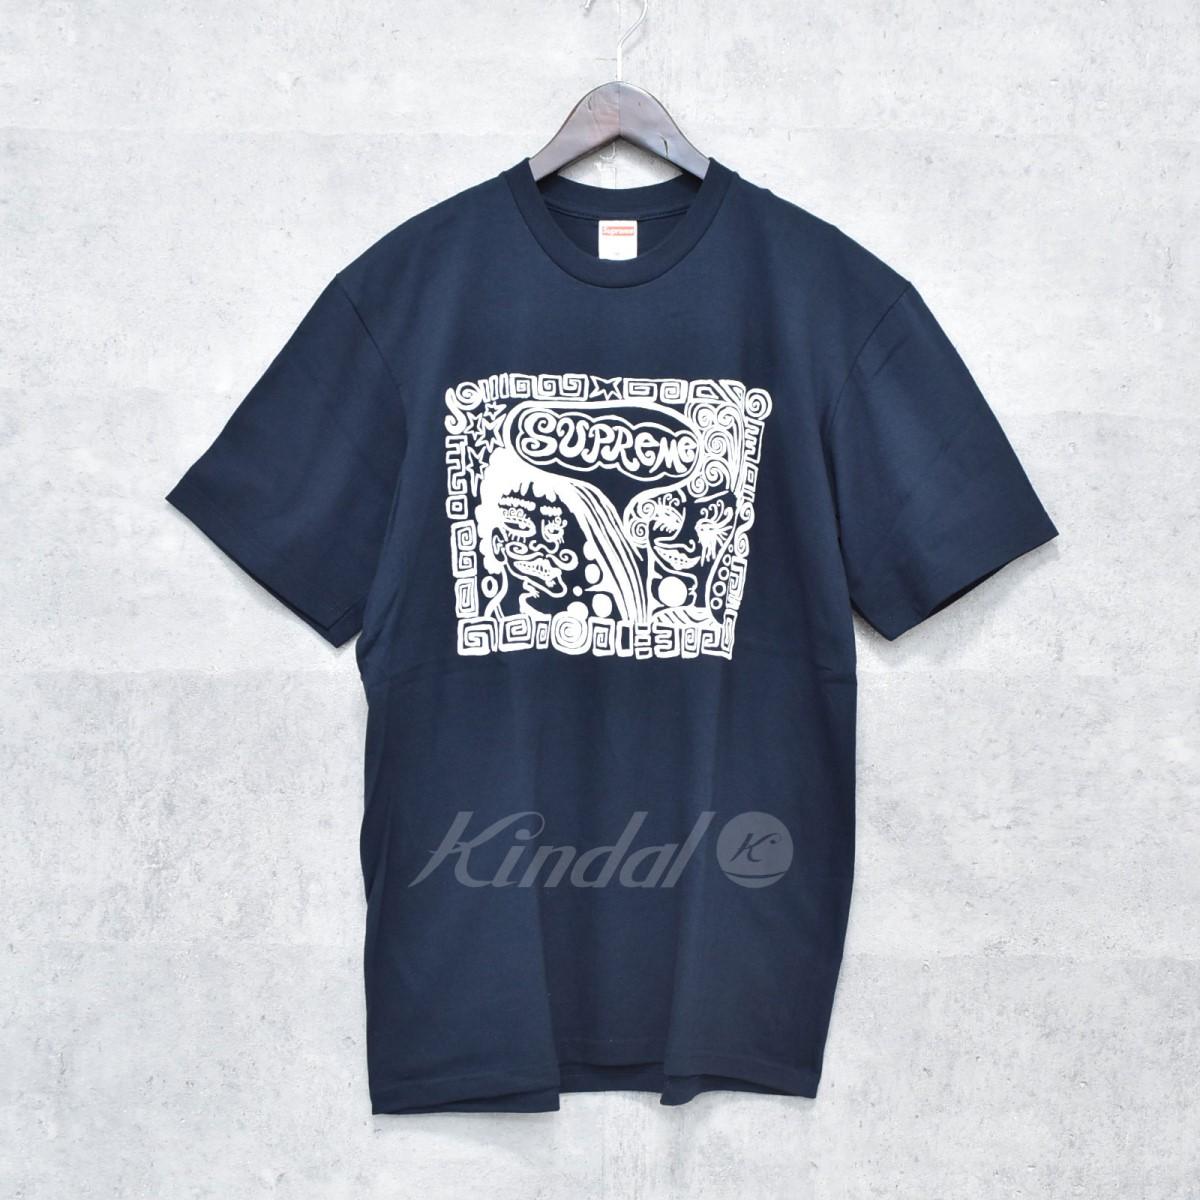 【中古】SUPREME 18AW Faces Tee プリントTシャツ ネイビー サイズ:M 【送料無料】 【251018】(シュプリーム)